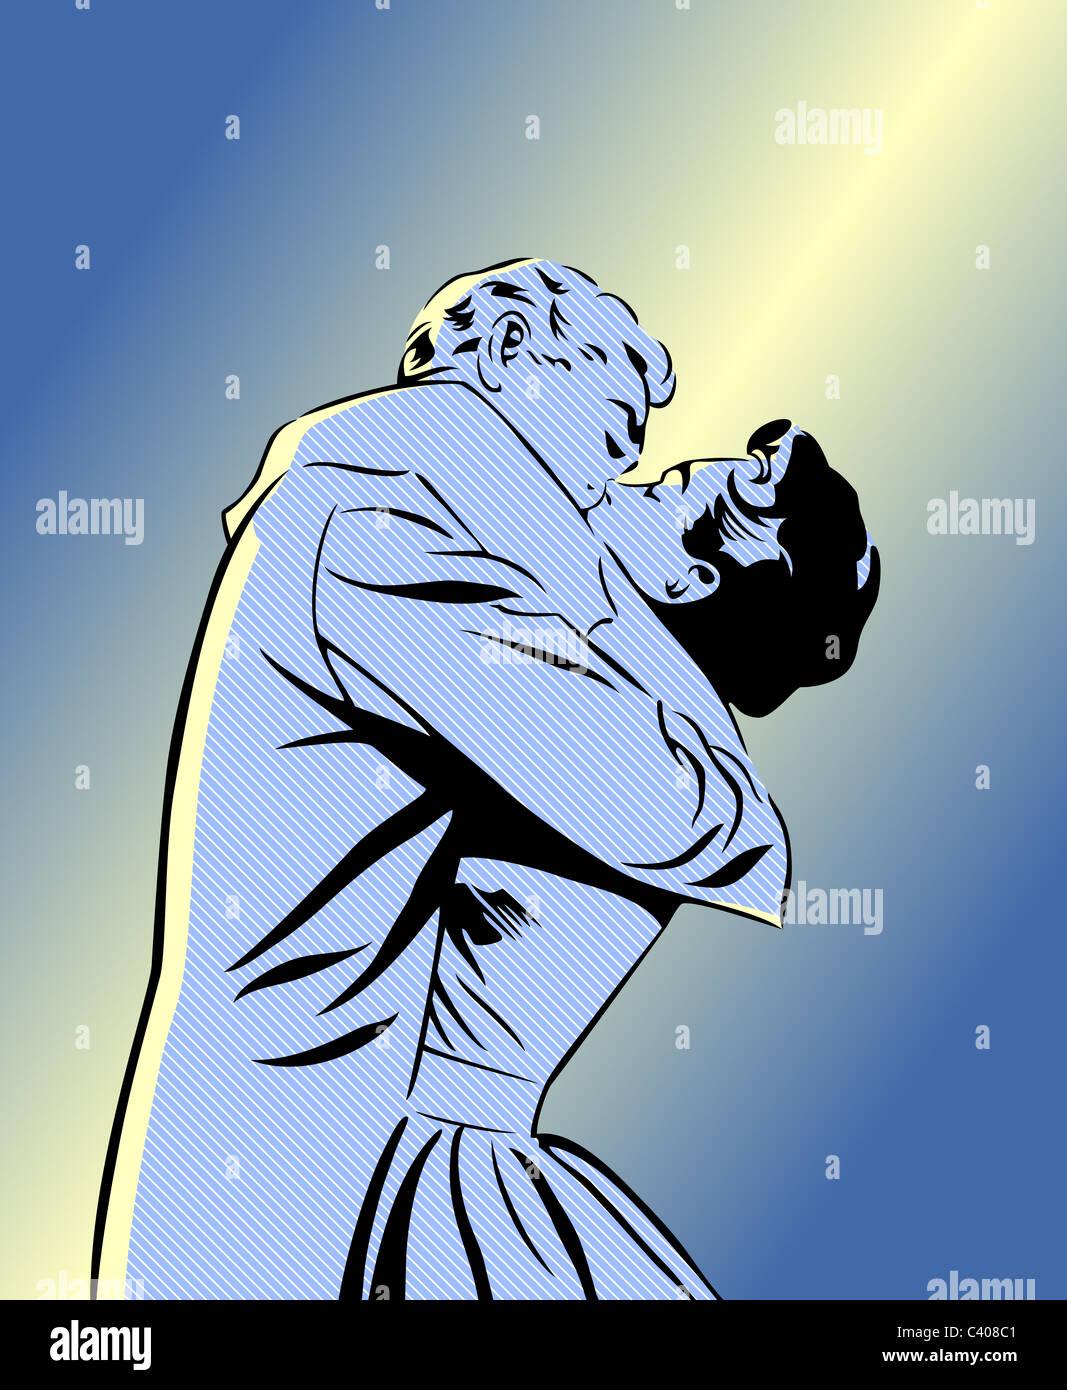 Un rétro style bande dessinée illustration d'un couple kissing Photo Stock